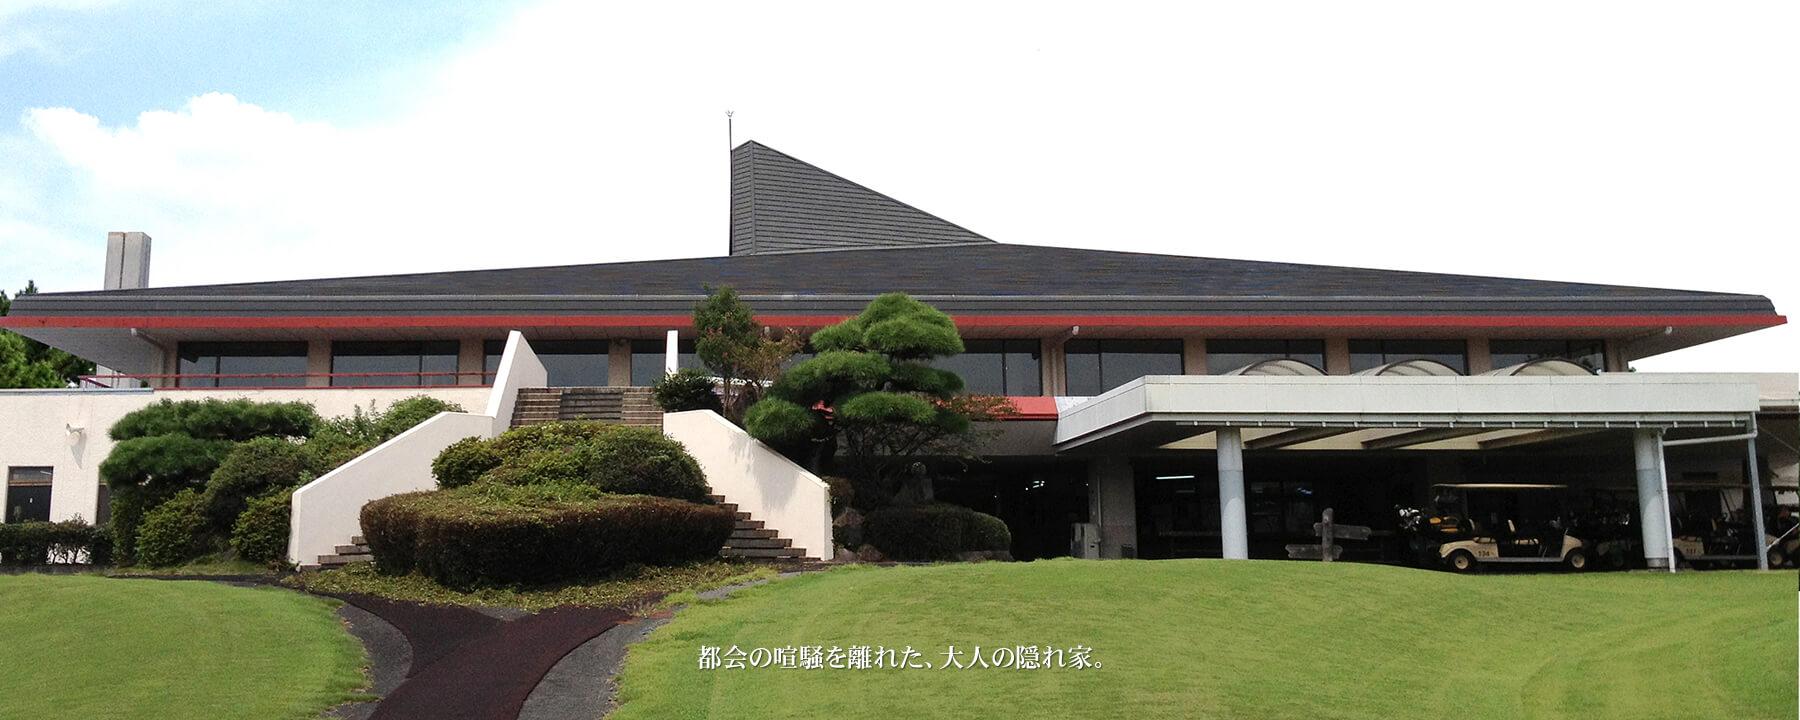 熊本高遊原カントリークラブ - ...